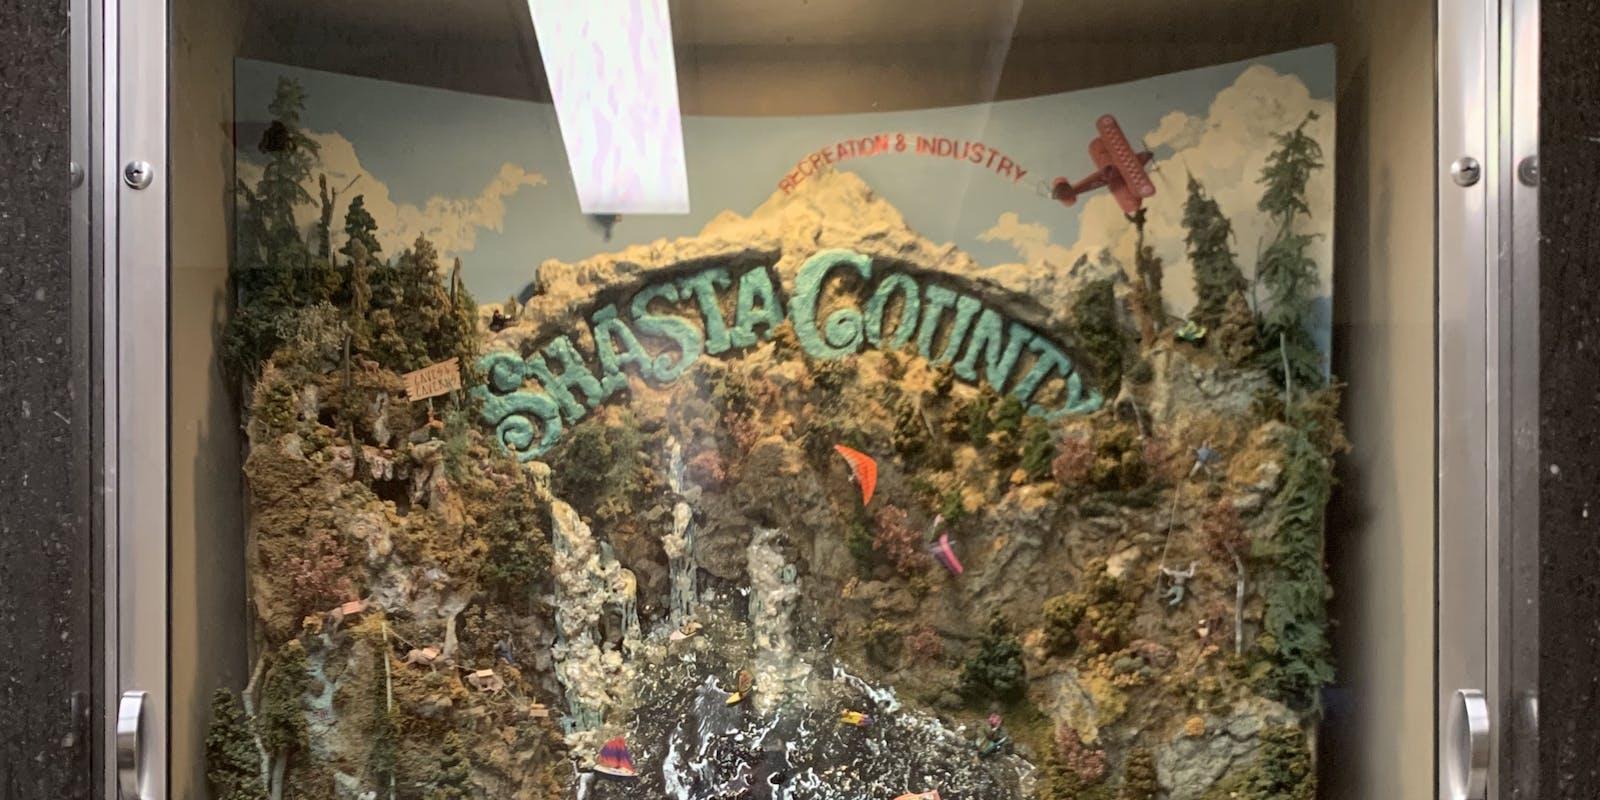 Shasta County diorama